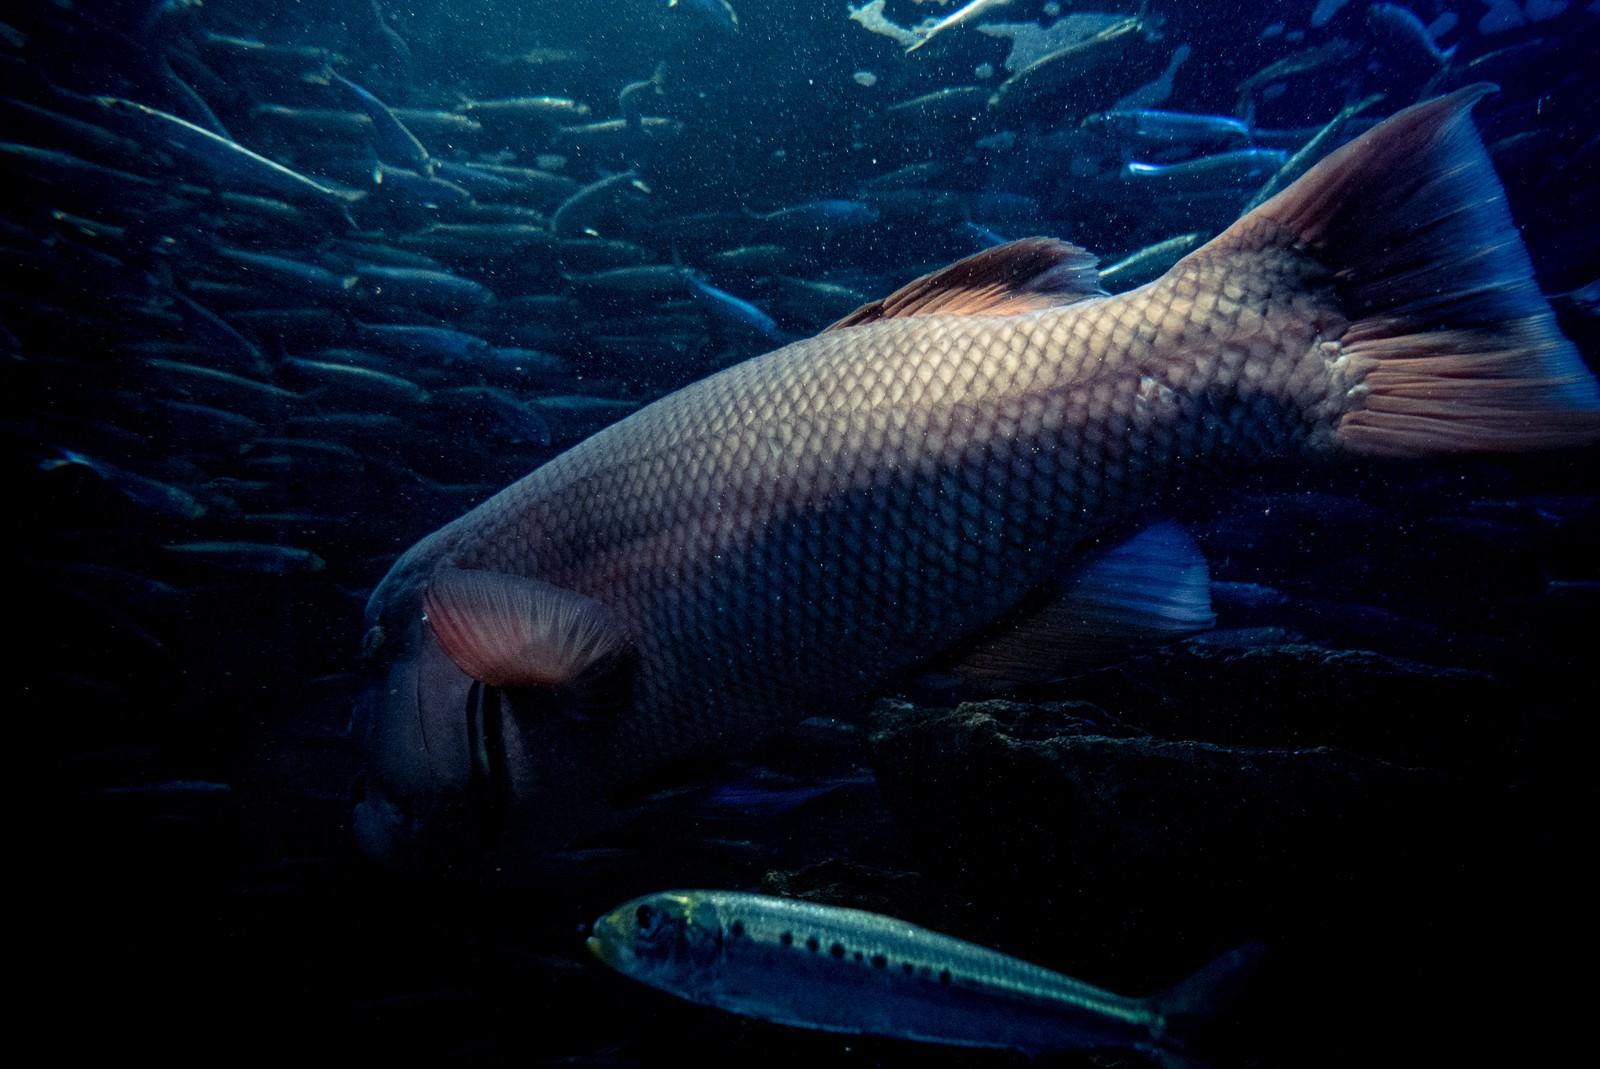 「水槽の魚達」の写真